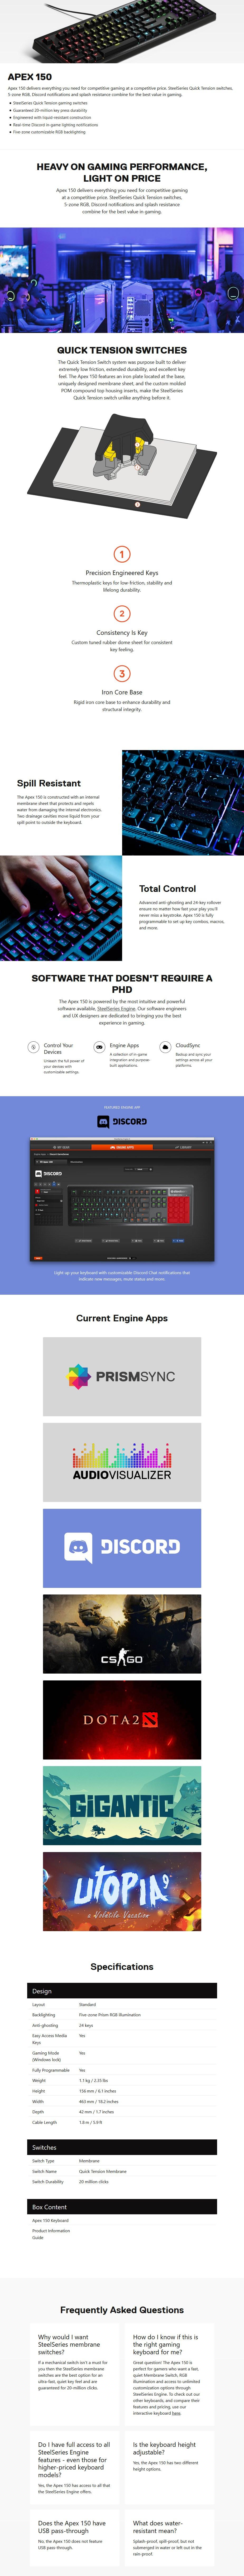 SteelSeries Apex 150 RGB Membrane Gaming Keyboard - Desktop Overview 1